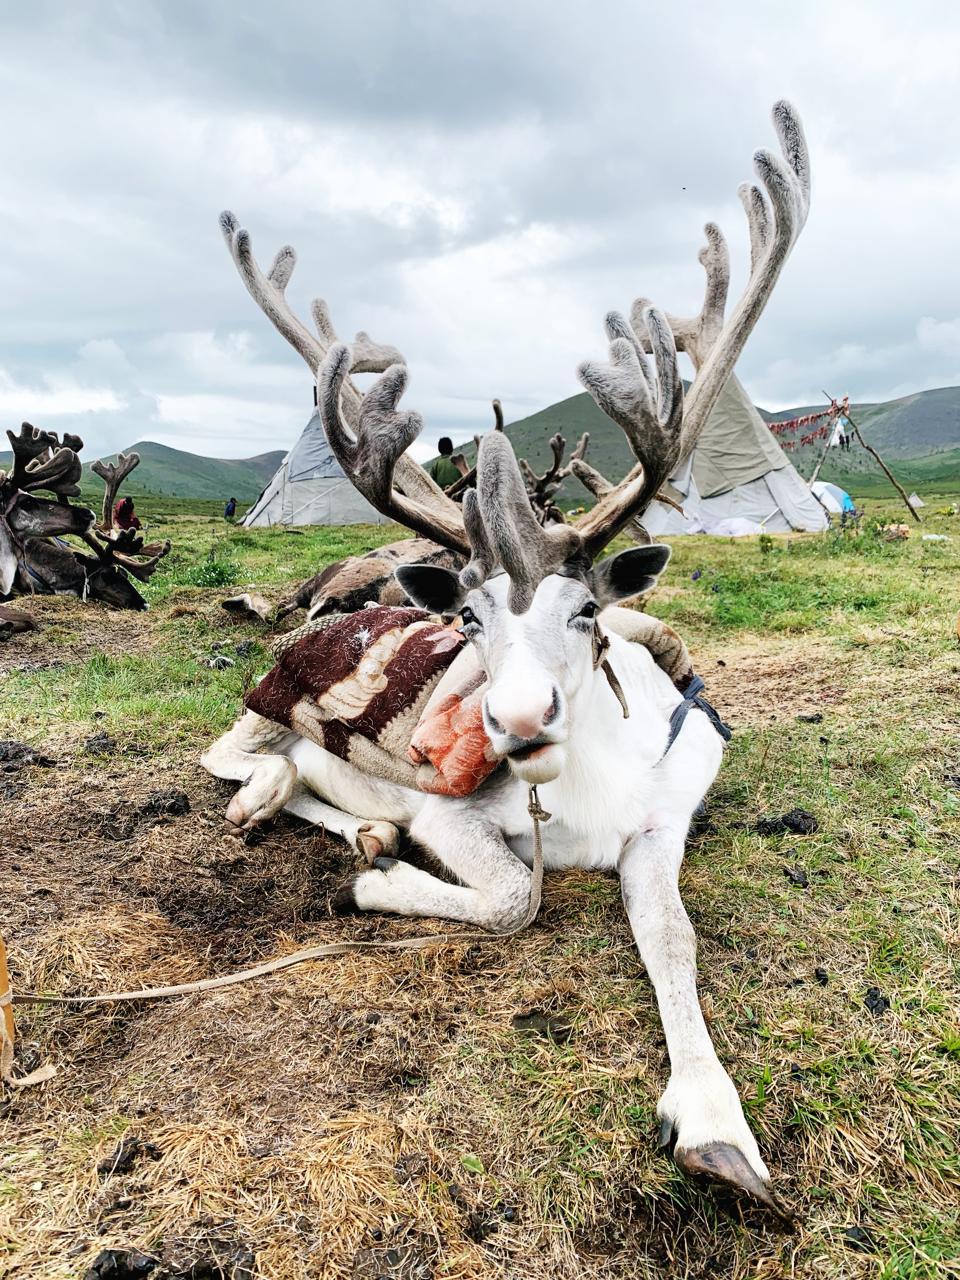 Khovsgol Province, Mongolia